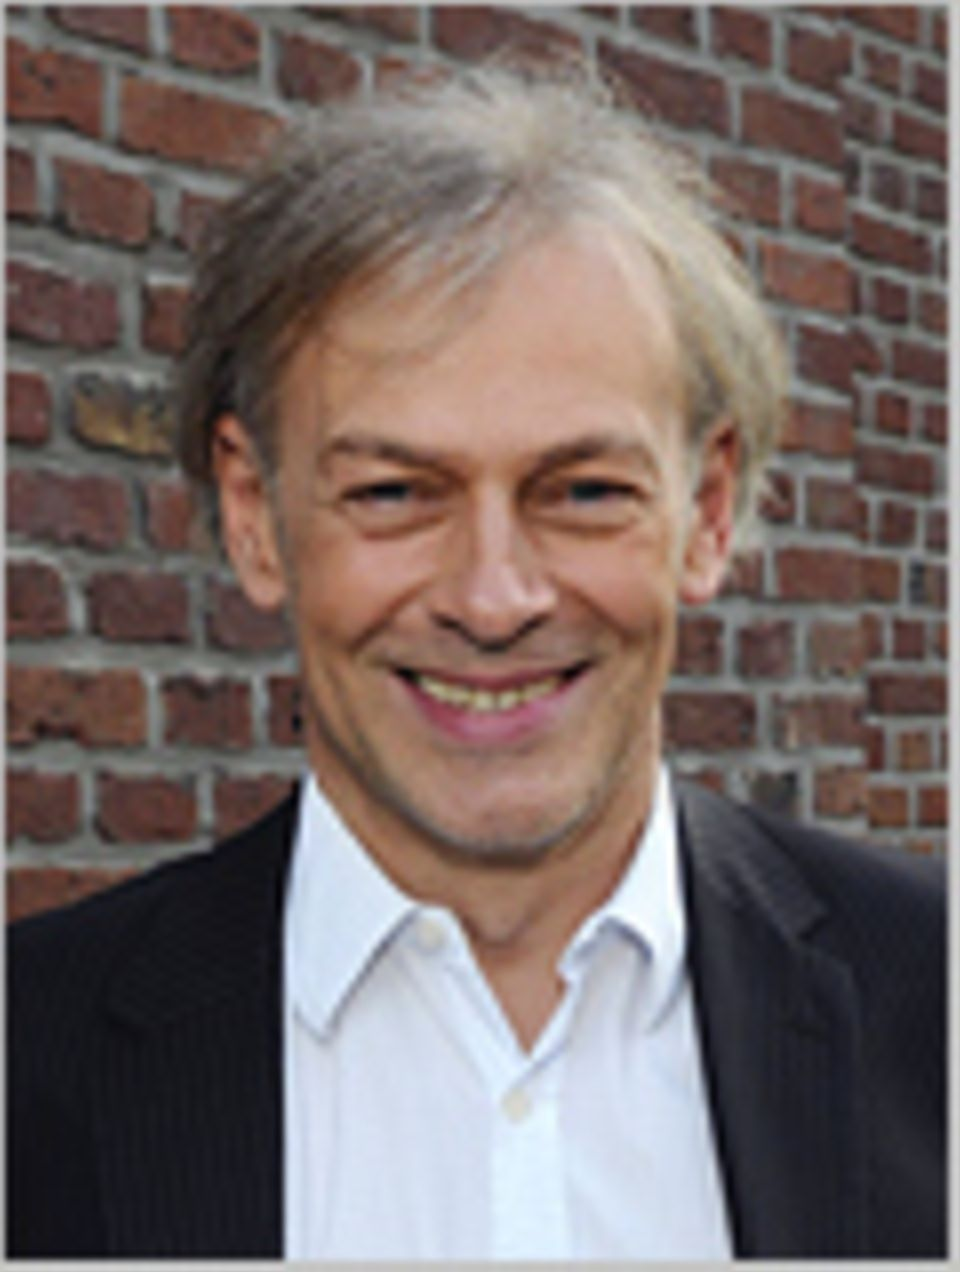 Fotogalerie: Produzent und Regisseur Freddie Röckenhaus